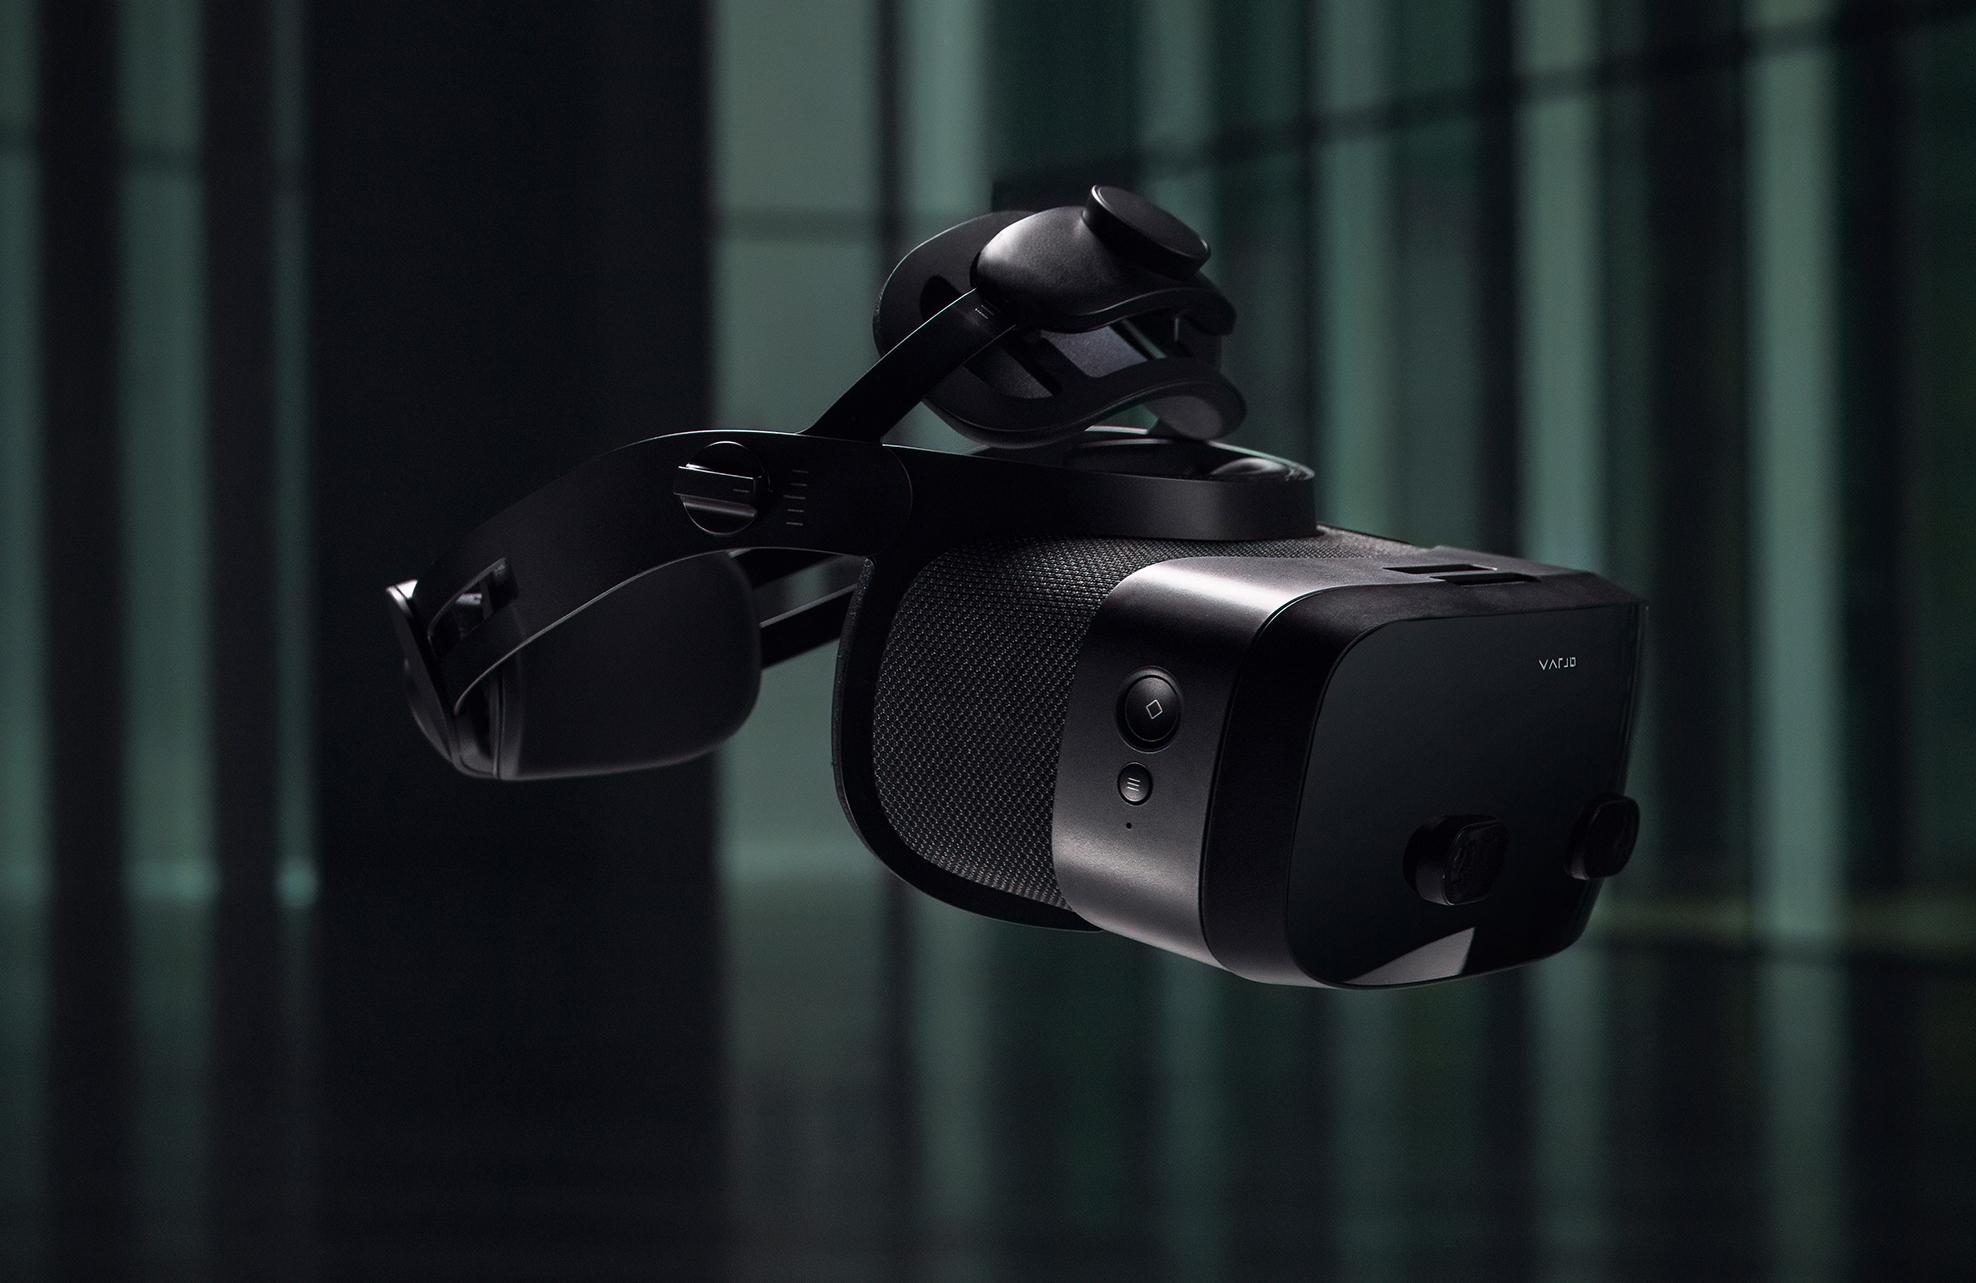 Varjo VR-3のヘッドバンドは3点精密フィットで、頭の形によらずどなたでも合わせられます。また、アクティブ冷却システムにより長時間の装着にも対応しています。フレネルレンズではない特注の超広角レンズや、瞳孔間距離の自動調節、さらに90Hzのフレームレートなどは、鮮明で滑らかな映像を実現し、眼精疲労や3D酔いを低減します。